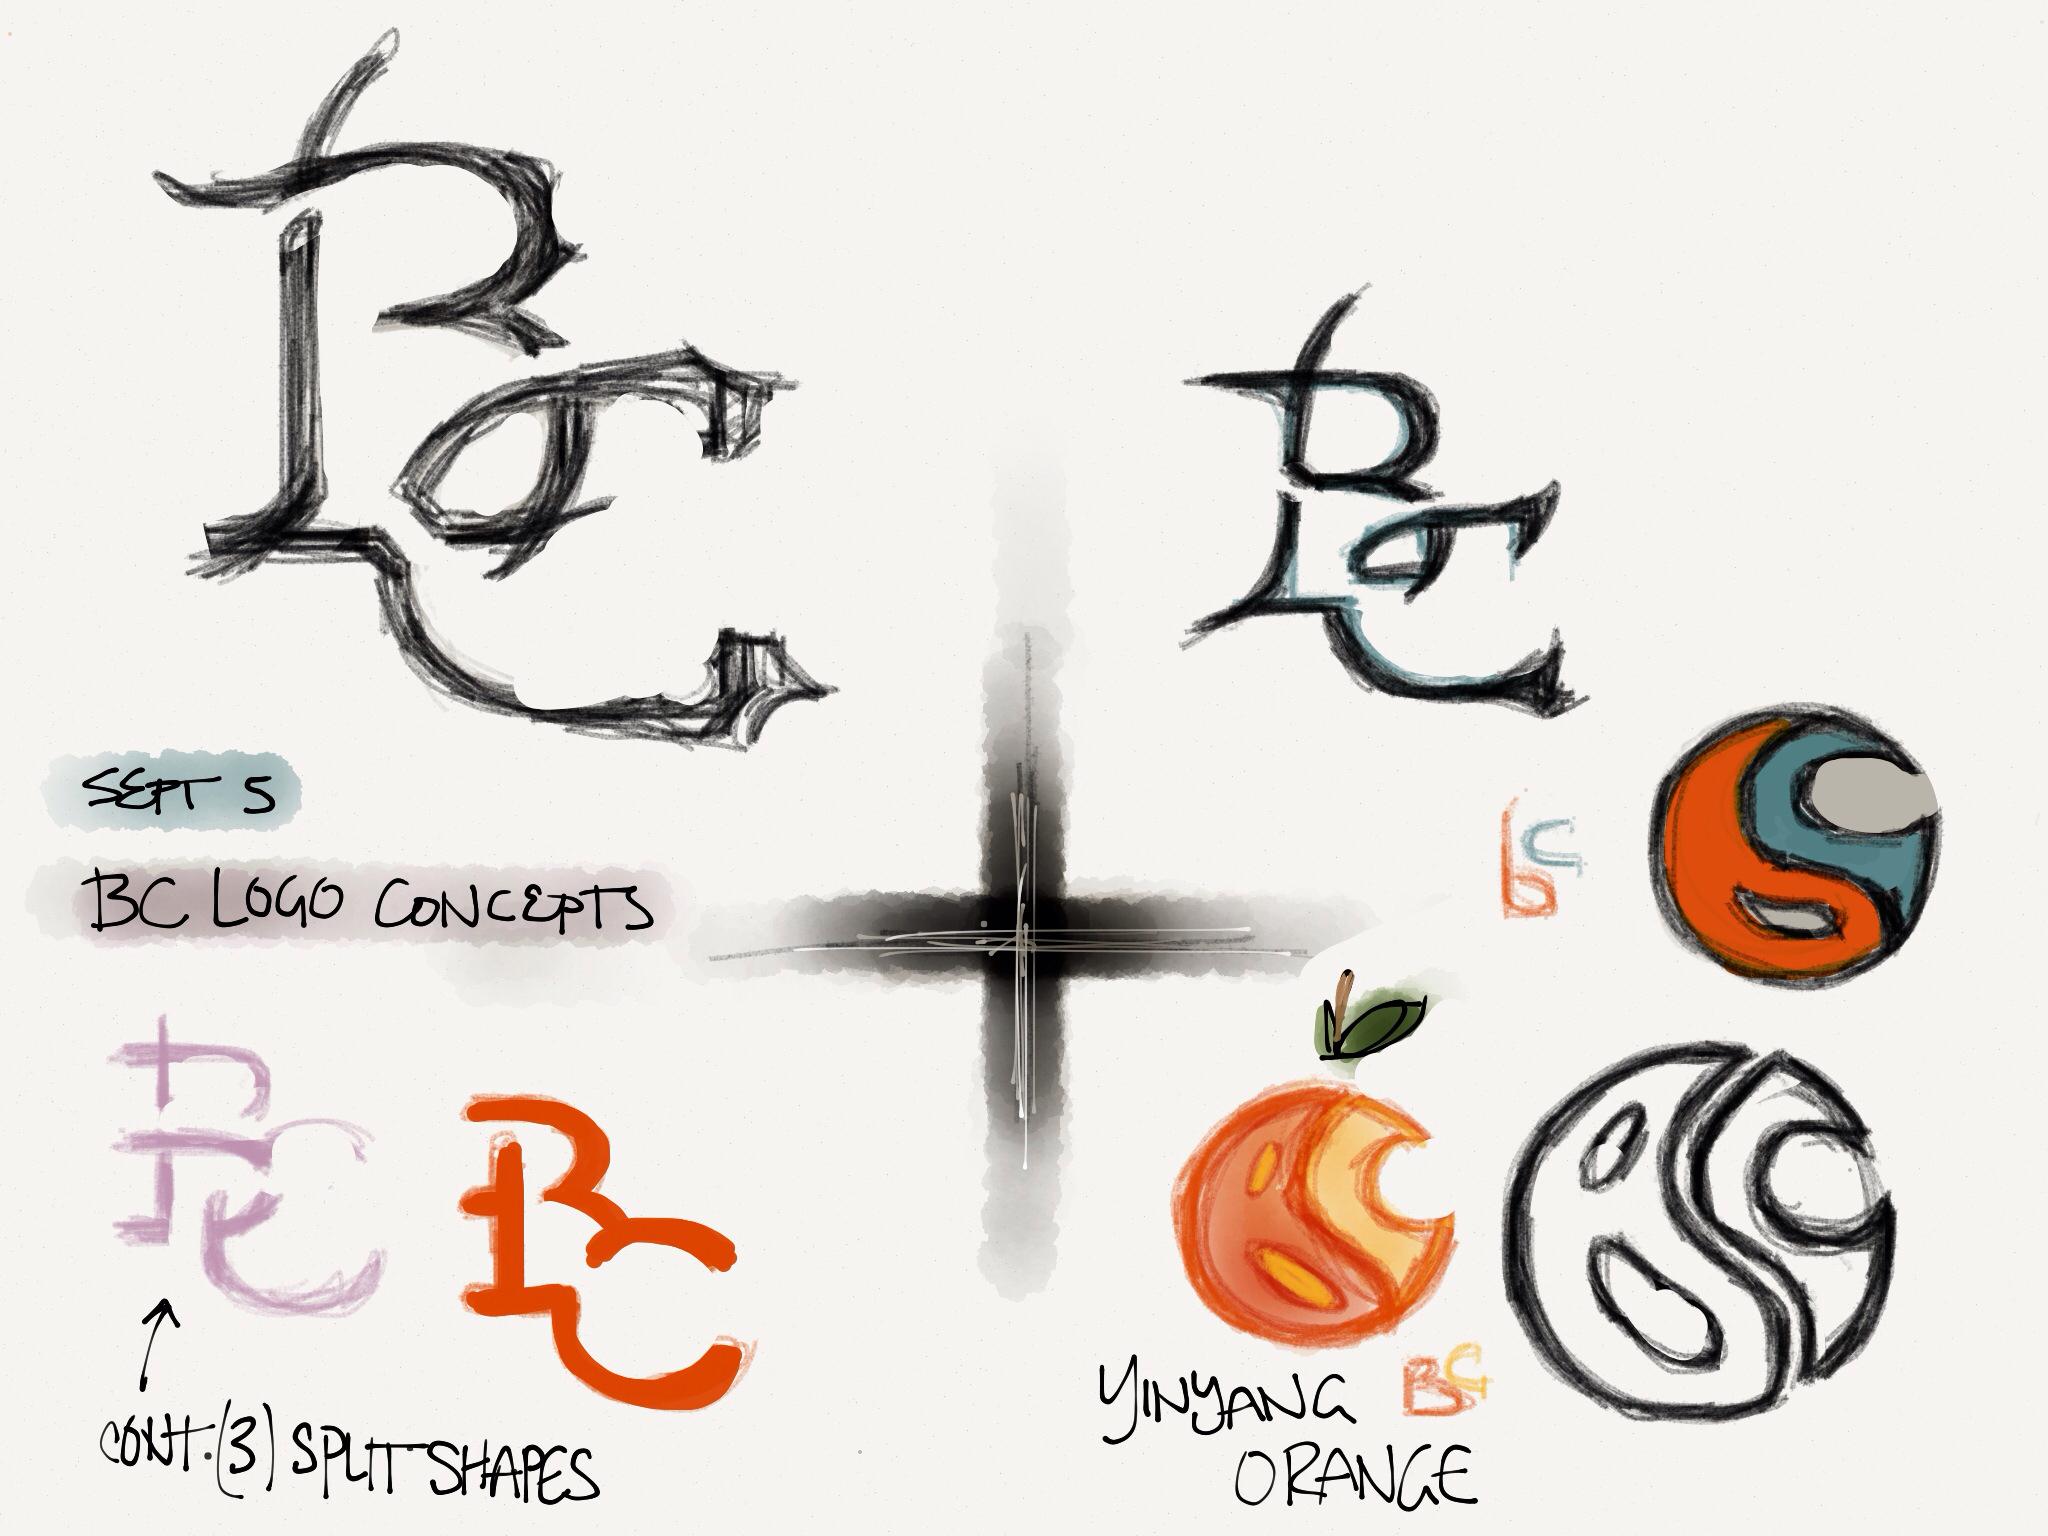 BC Logo Concept 2